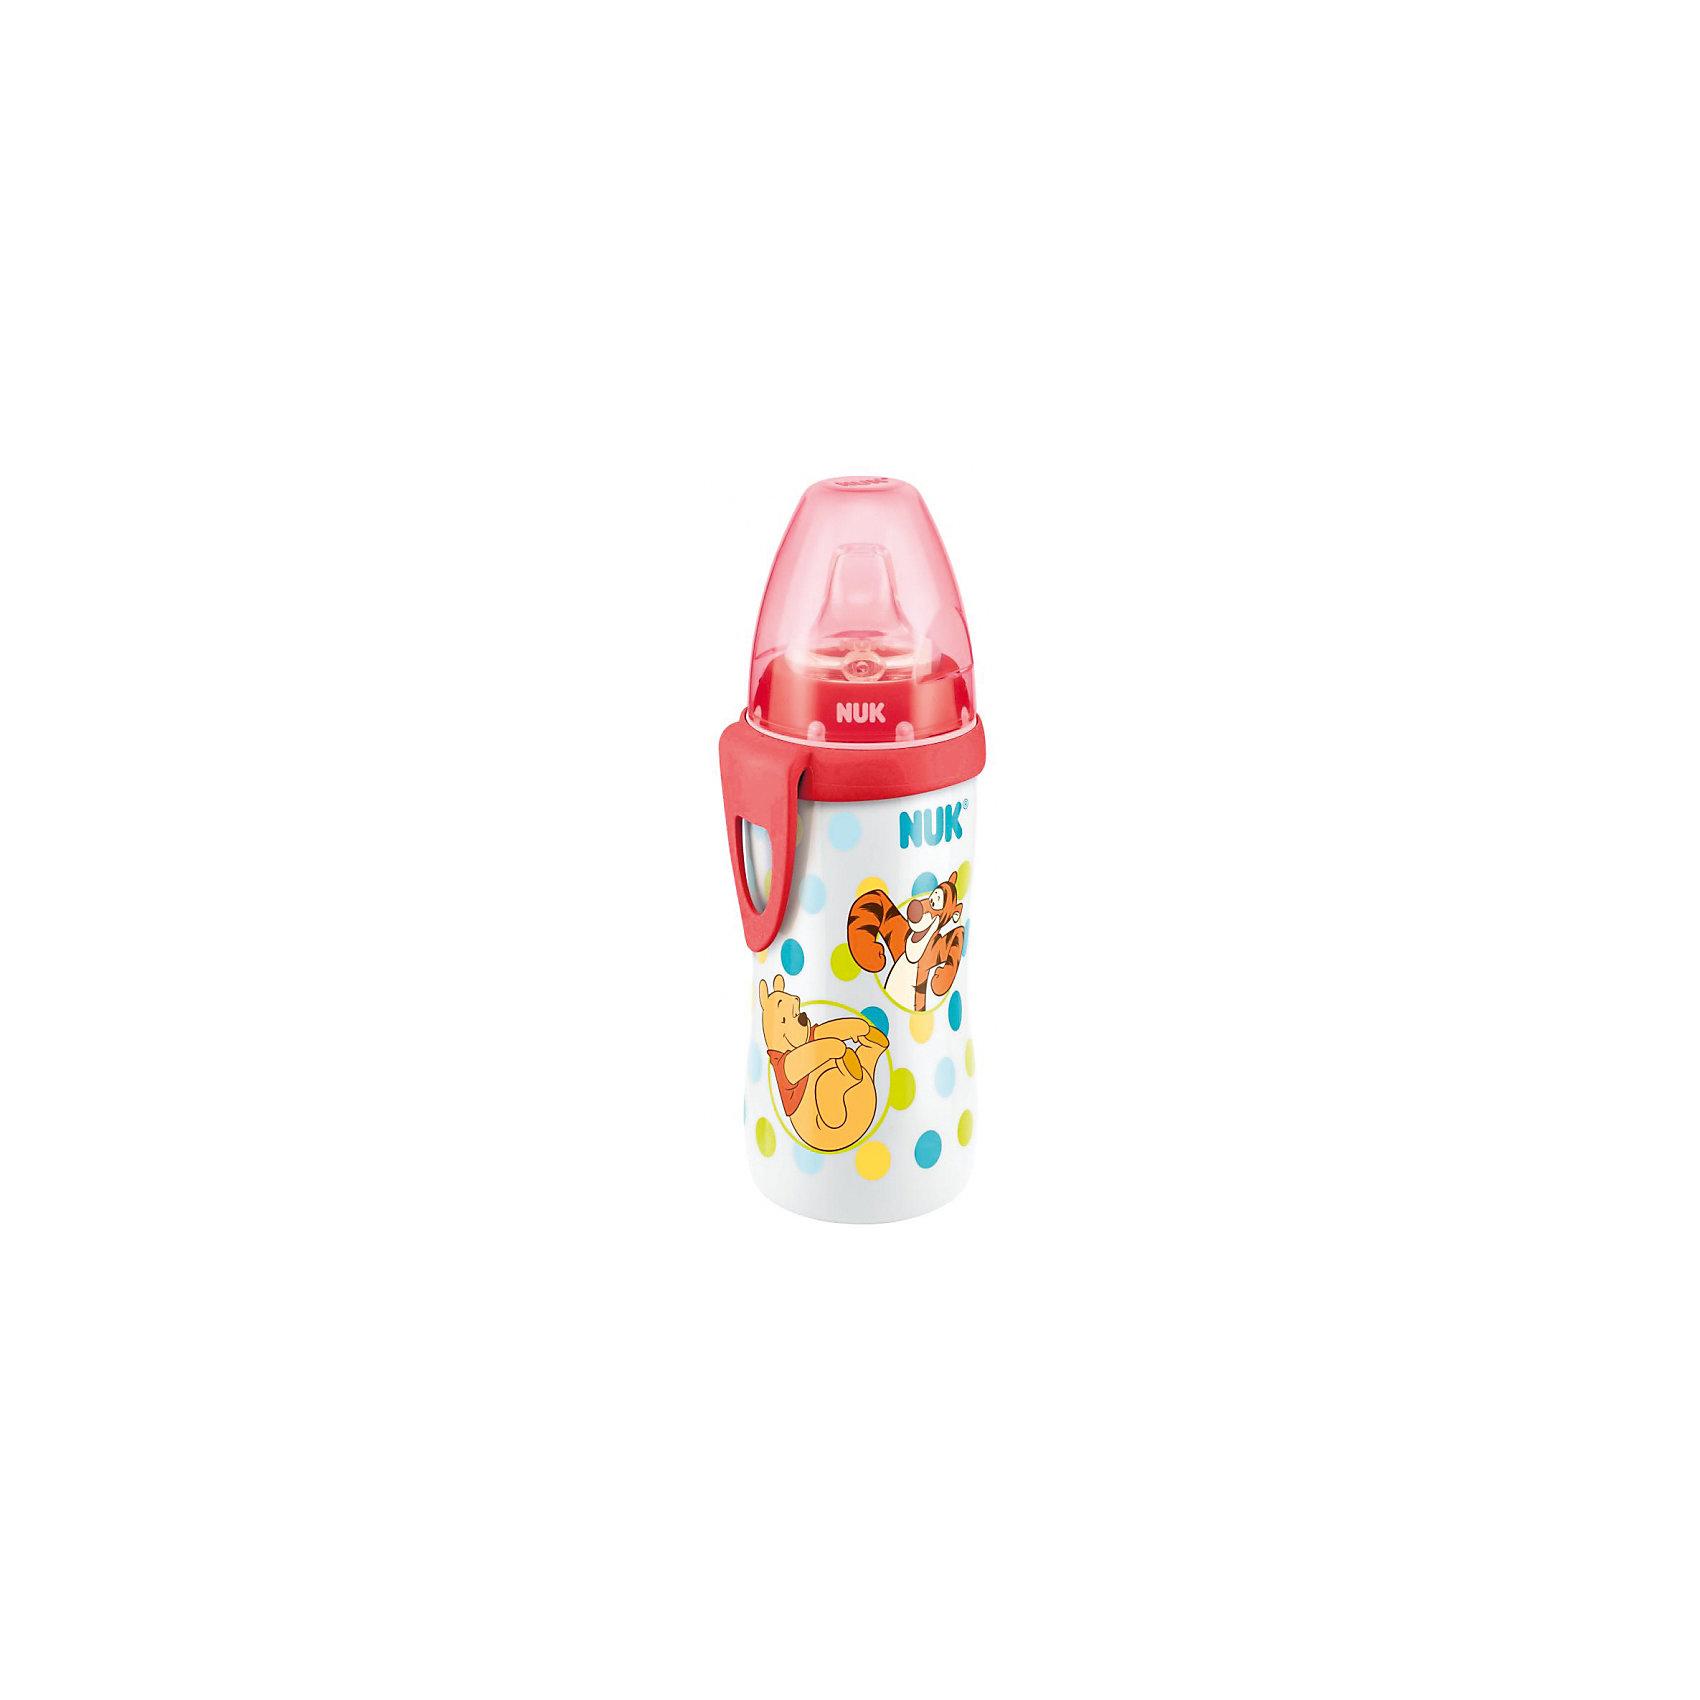 Поильник Дисней для активных детей 300 мл., Винни Пух, NUK, белый/красныйПоильник Дисней для активных детей 300 мл., Винни Пух, NUK, белый/красный<br><br>Характеристики:<br><br>• В набор входит: поильник, соска, крышка, клипса<br>• Состав: полипропиллен, силикон<br>• Особенности: соска не имеет запаха или вкуса, упругий прочный материал, не проливается<br>• Для детей в возрасте от 12 месяцев<br>• Страна производитель: Германия<br><br>Яркая бутылочка-поильник от немецкой компании, специализирующейся на производстве качественных товаров для детей и мам NUK (Нук) принесёт много радости малышке и её родителям. Соска удобно ложится в ротик, система выпуска воздуха не позволяет крохе заглатывать воздух, предотвращая появление коликов. Ортодонтическое строение соски поможет правильному развитию челюсти, прикуса малыша и одобрена стоматологами.<br><br> Бутылочка удобной формы комфортно помещается в ручки малыша, надежная закрывающаяся система предотвращает поильник от протекания влаги. Колпачок защищает соску от загрязнений и необходим при транспортировке бутылочки. Поильник сочетается со всеми аксессуарами и деталями продукции NUK (Нук) First Choice (Фёст чойс). <br><br>Объем жидкости в 300 мл оптимален для активных детей, которым постоянно нужно пополнять свой запас влаги. Яркие рисунки с Винни Пухом и Тигрой придут по вкусу маленькой моднице и поддержат её настроение в течение всего дня. Почувствуйте бережную заботу с пустышками NUK (Нук)!<br><br>Поильник Дисней для активных детей 300 мл., Винни Пух, NUK, белый/красный можно купить в нашем интернет-магазине.<br><br>Ширина мм: 90<br>Глубина мм: 9999<br>Высота мм: 235<br>Вес г: 33<br>Возраст от месяцев: 12<br>Возраст до месяцев: 36<br>Пол: Унисекс<br>Возраст: Детский<br>SKU: 5405128